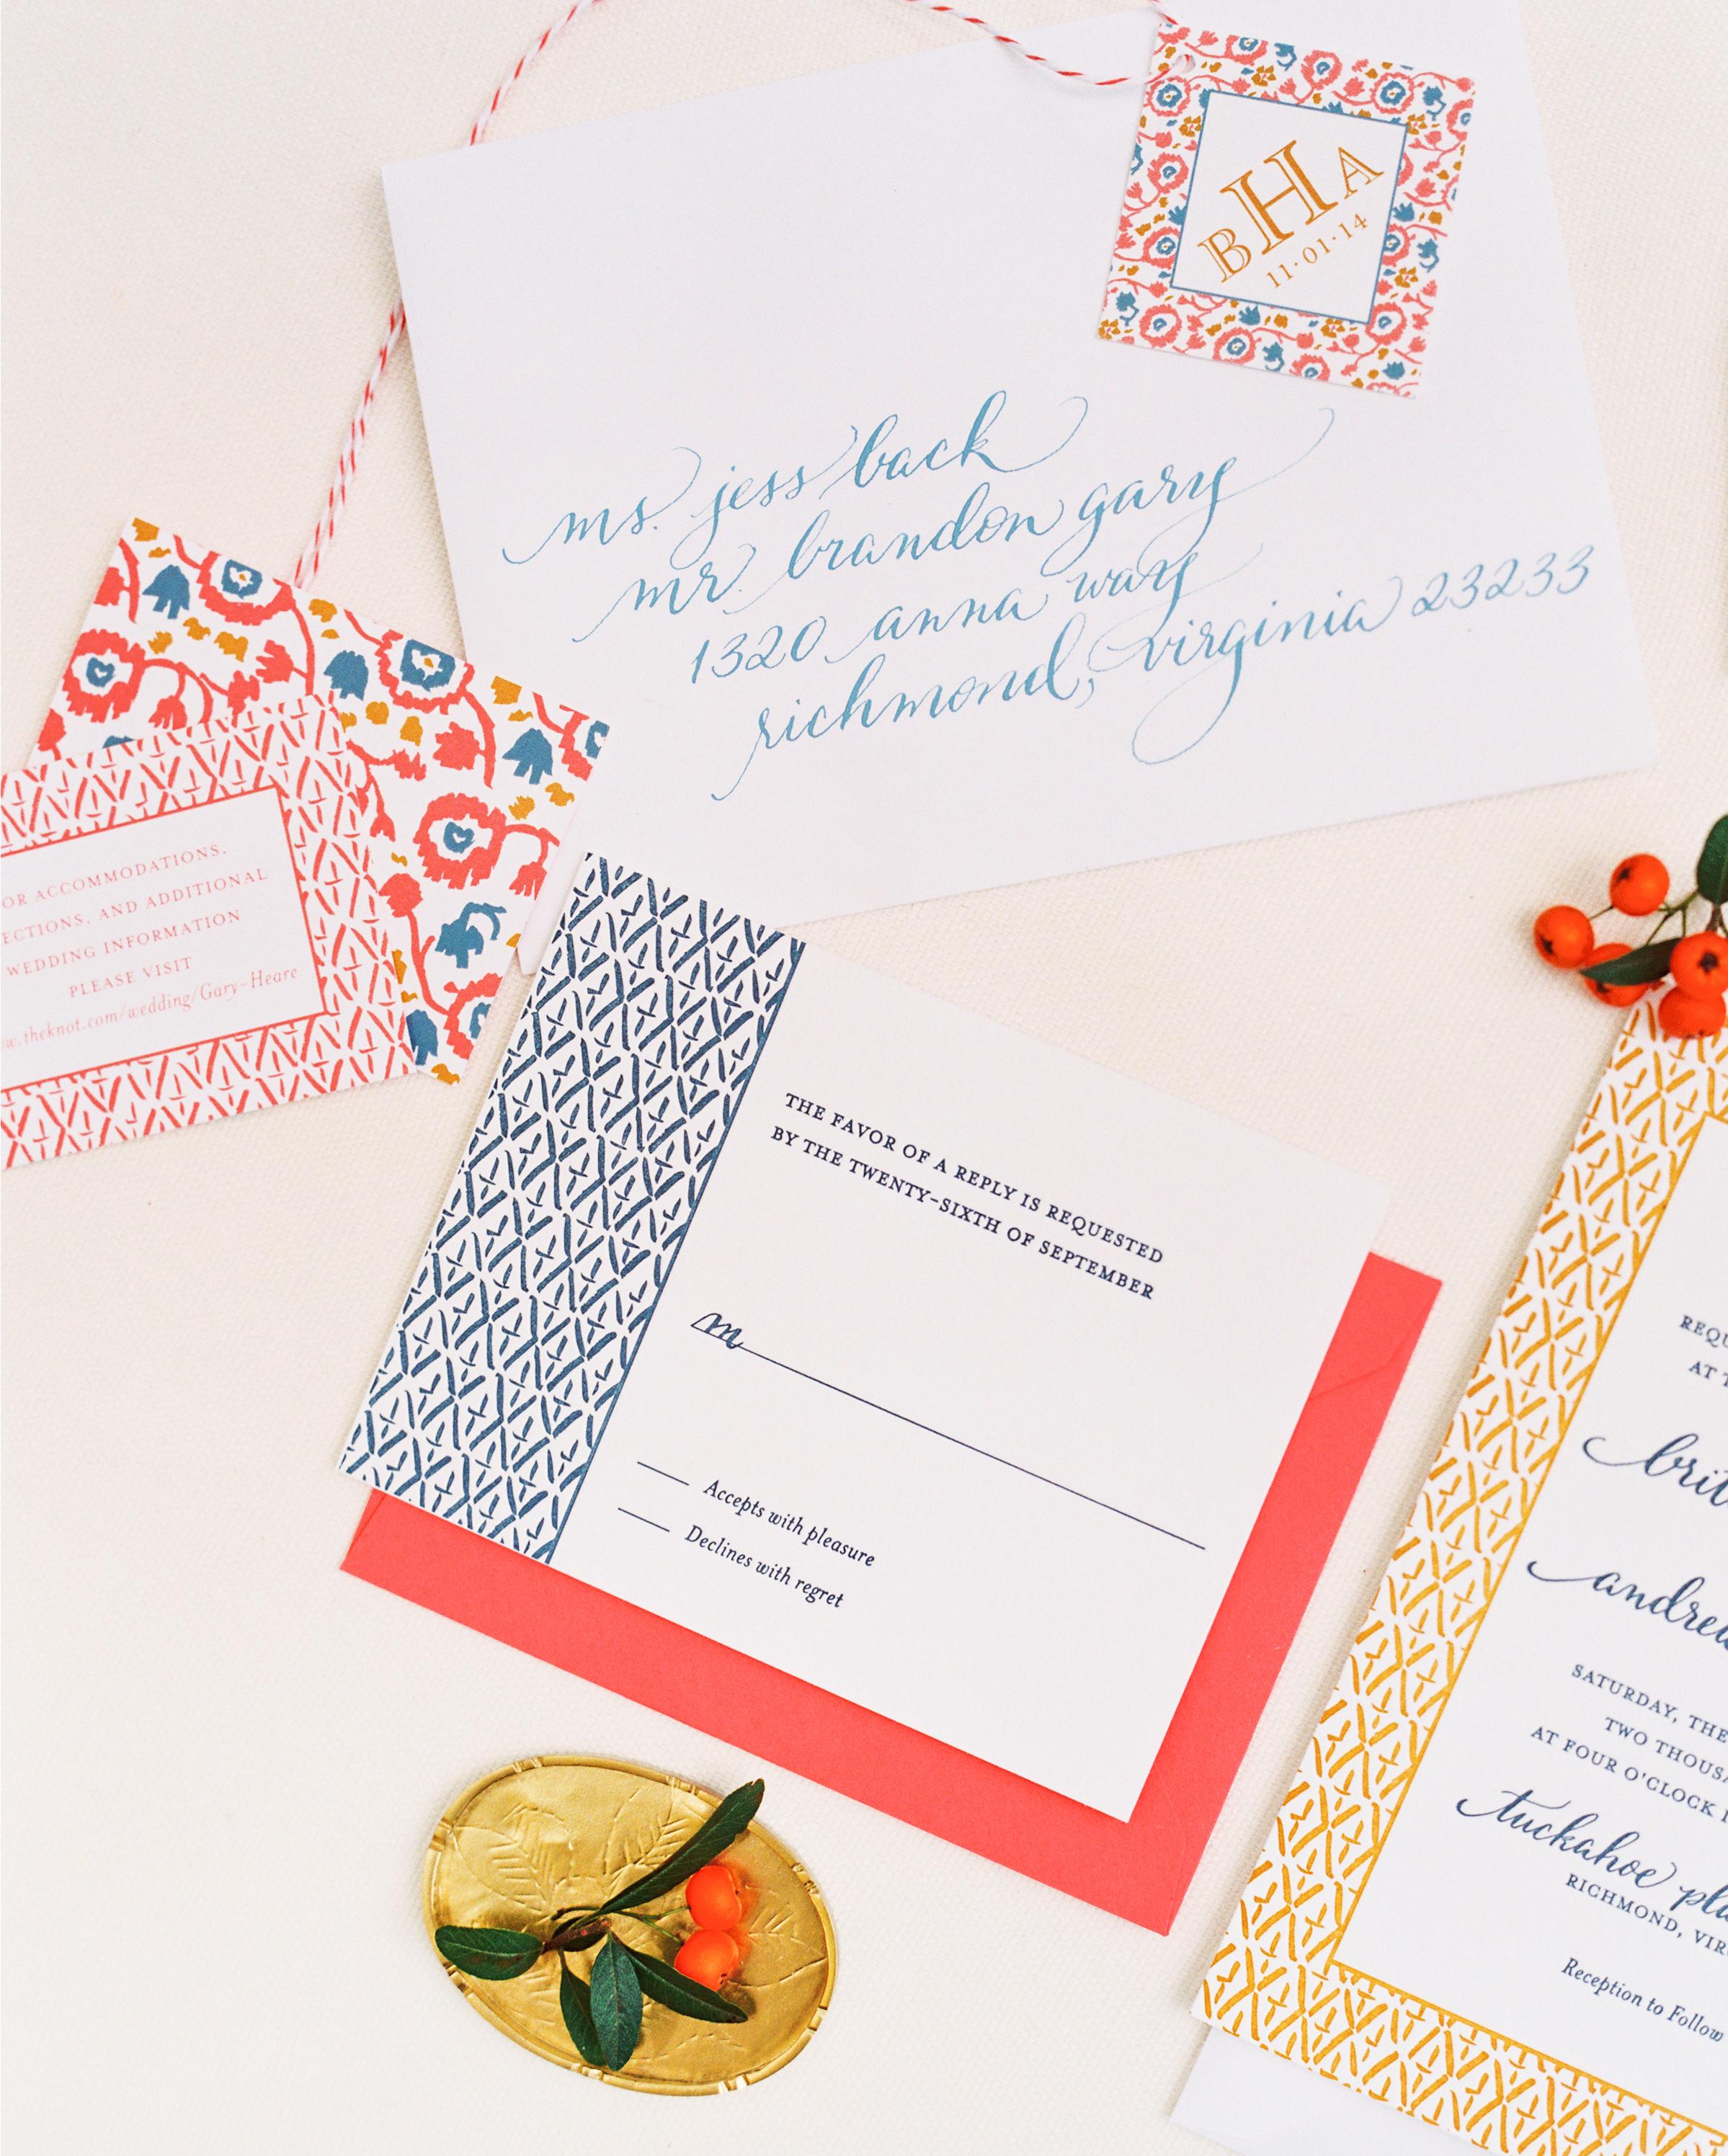 brittany-andrew-wedding-stationery-004-s112067-0715.jpg